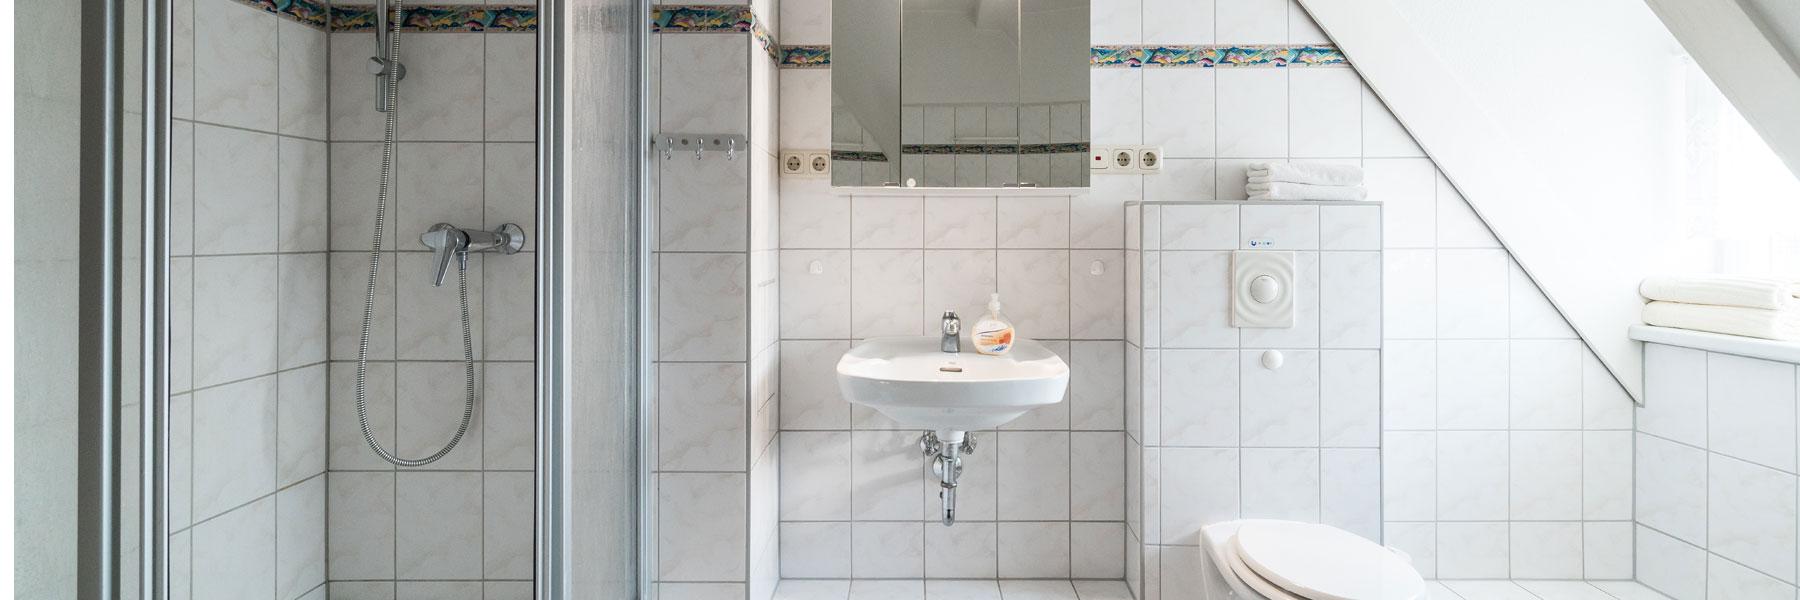 Badezimmer mit Dusche - Ferienwohnungen Bork